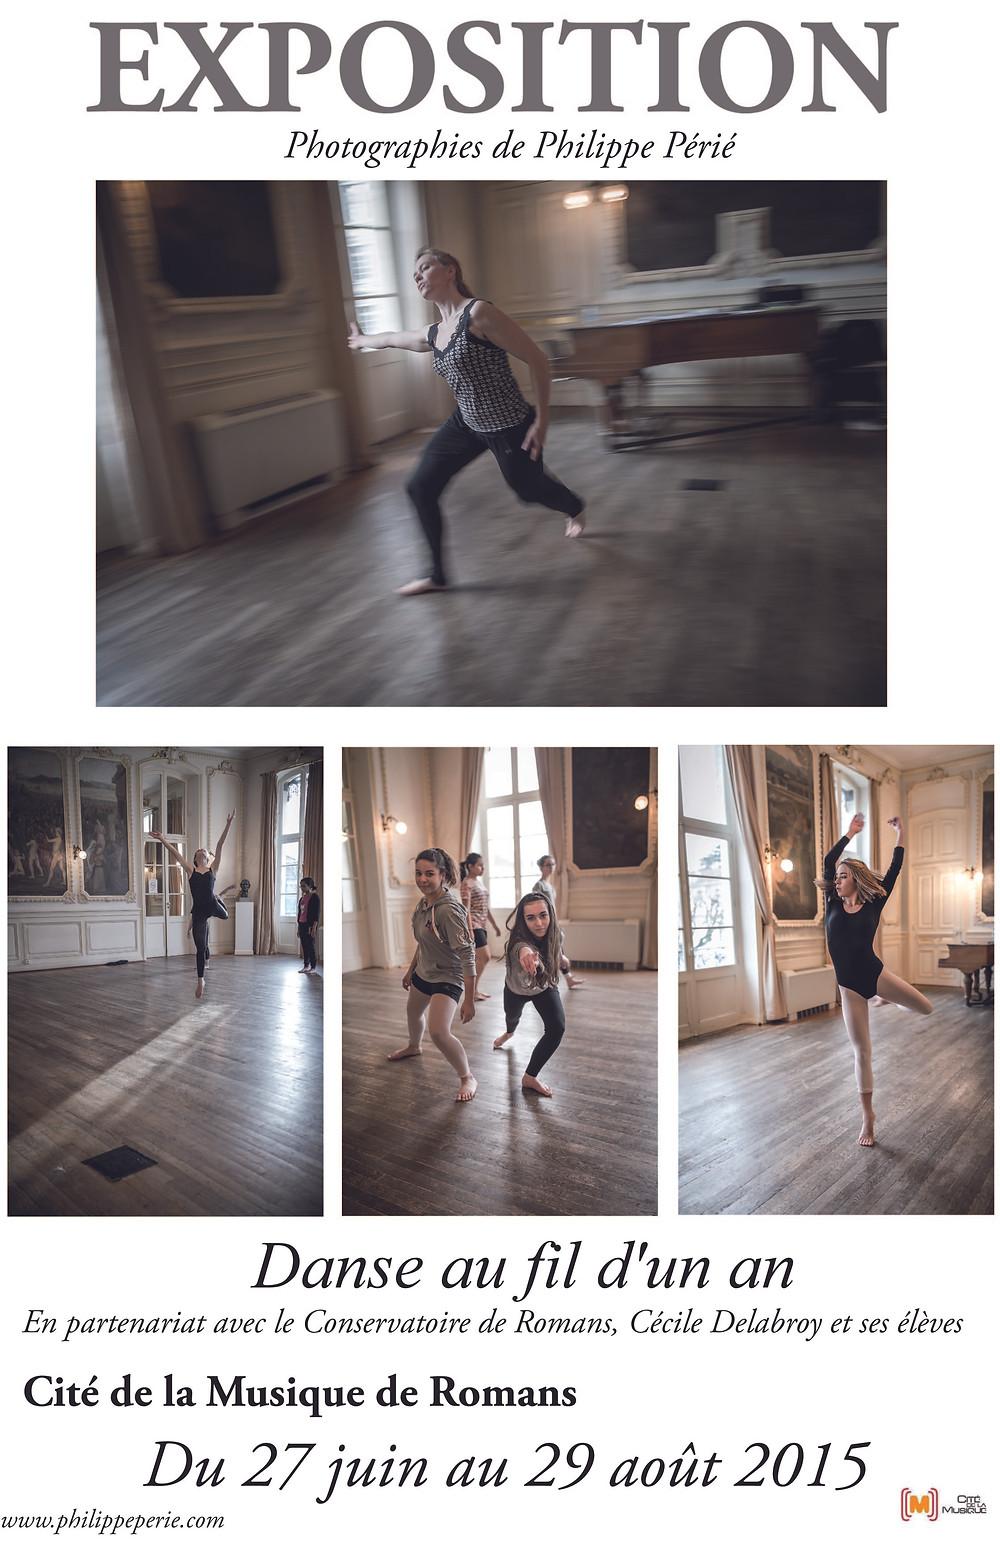 Affiche expo Danse 2015 fb.jpg